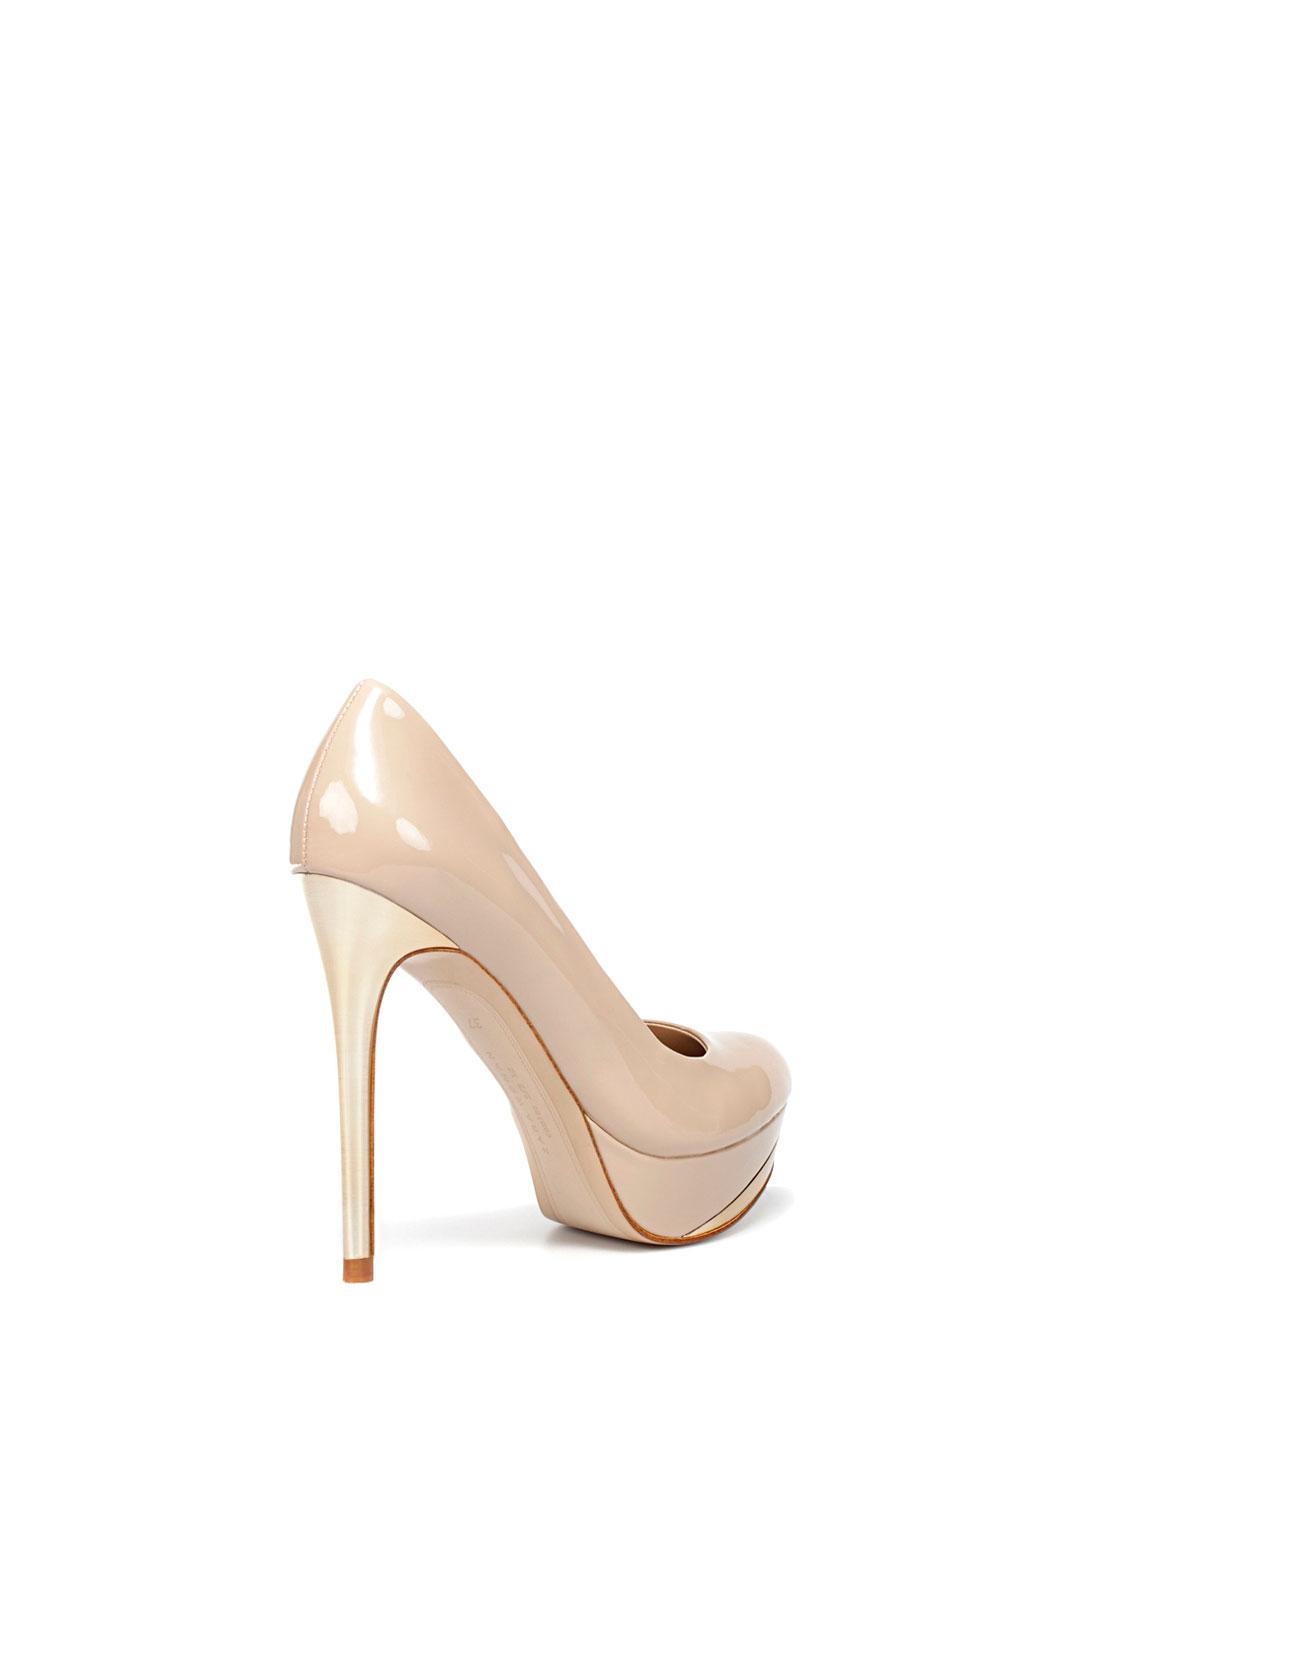 zara patent leather platform court shoe in beige lyst